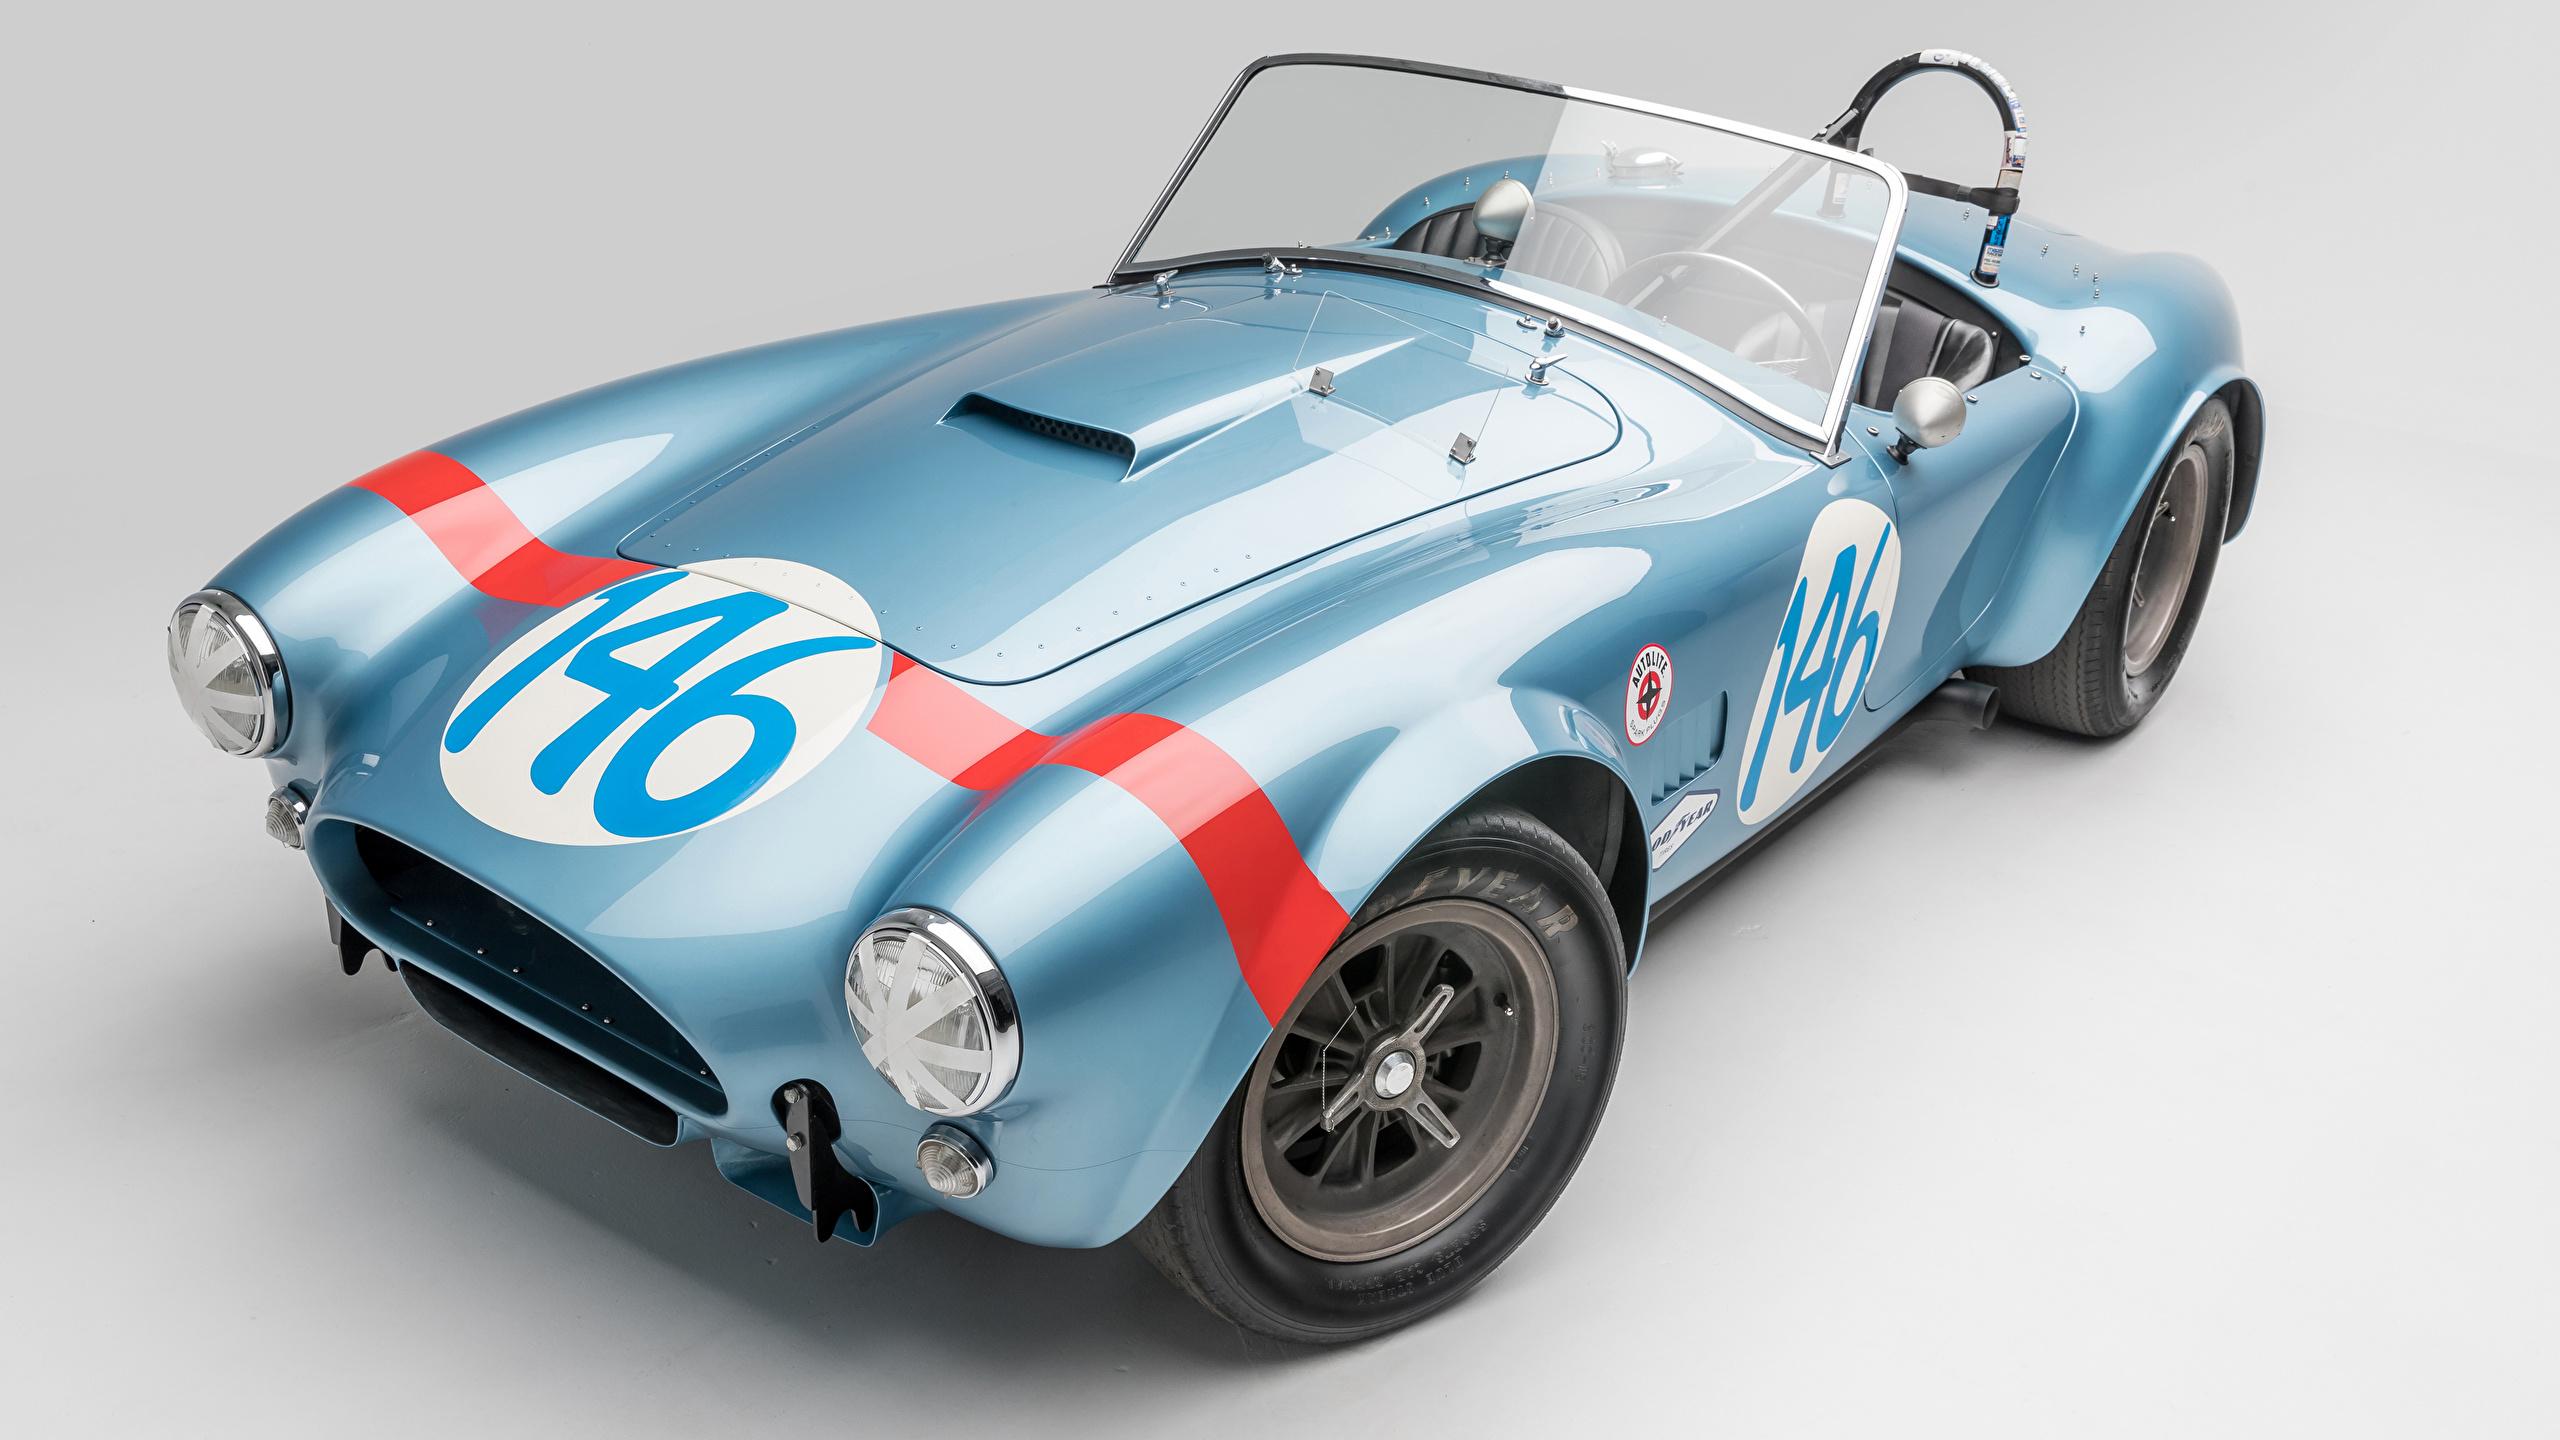 Фотографии SSC 1964 Shelby Cobra 289 FIA Competition Родстер Кабриолет винтаж голубая авто сером фоне 2560x1440 Shelby Super Cars кабриолета Ретро голубых голубые Голубой старинные машина машины автомобиль Автомобили Серый фон